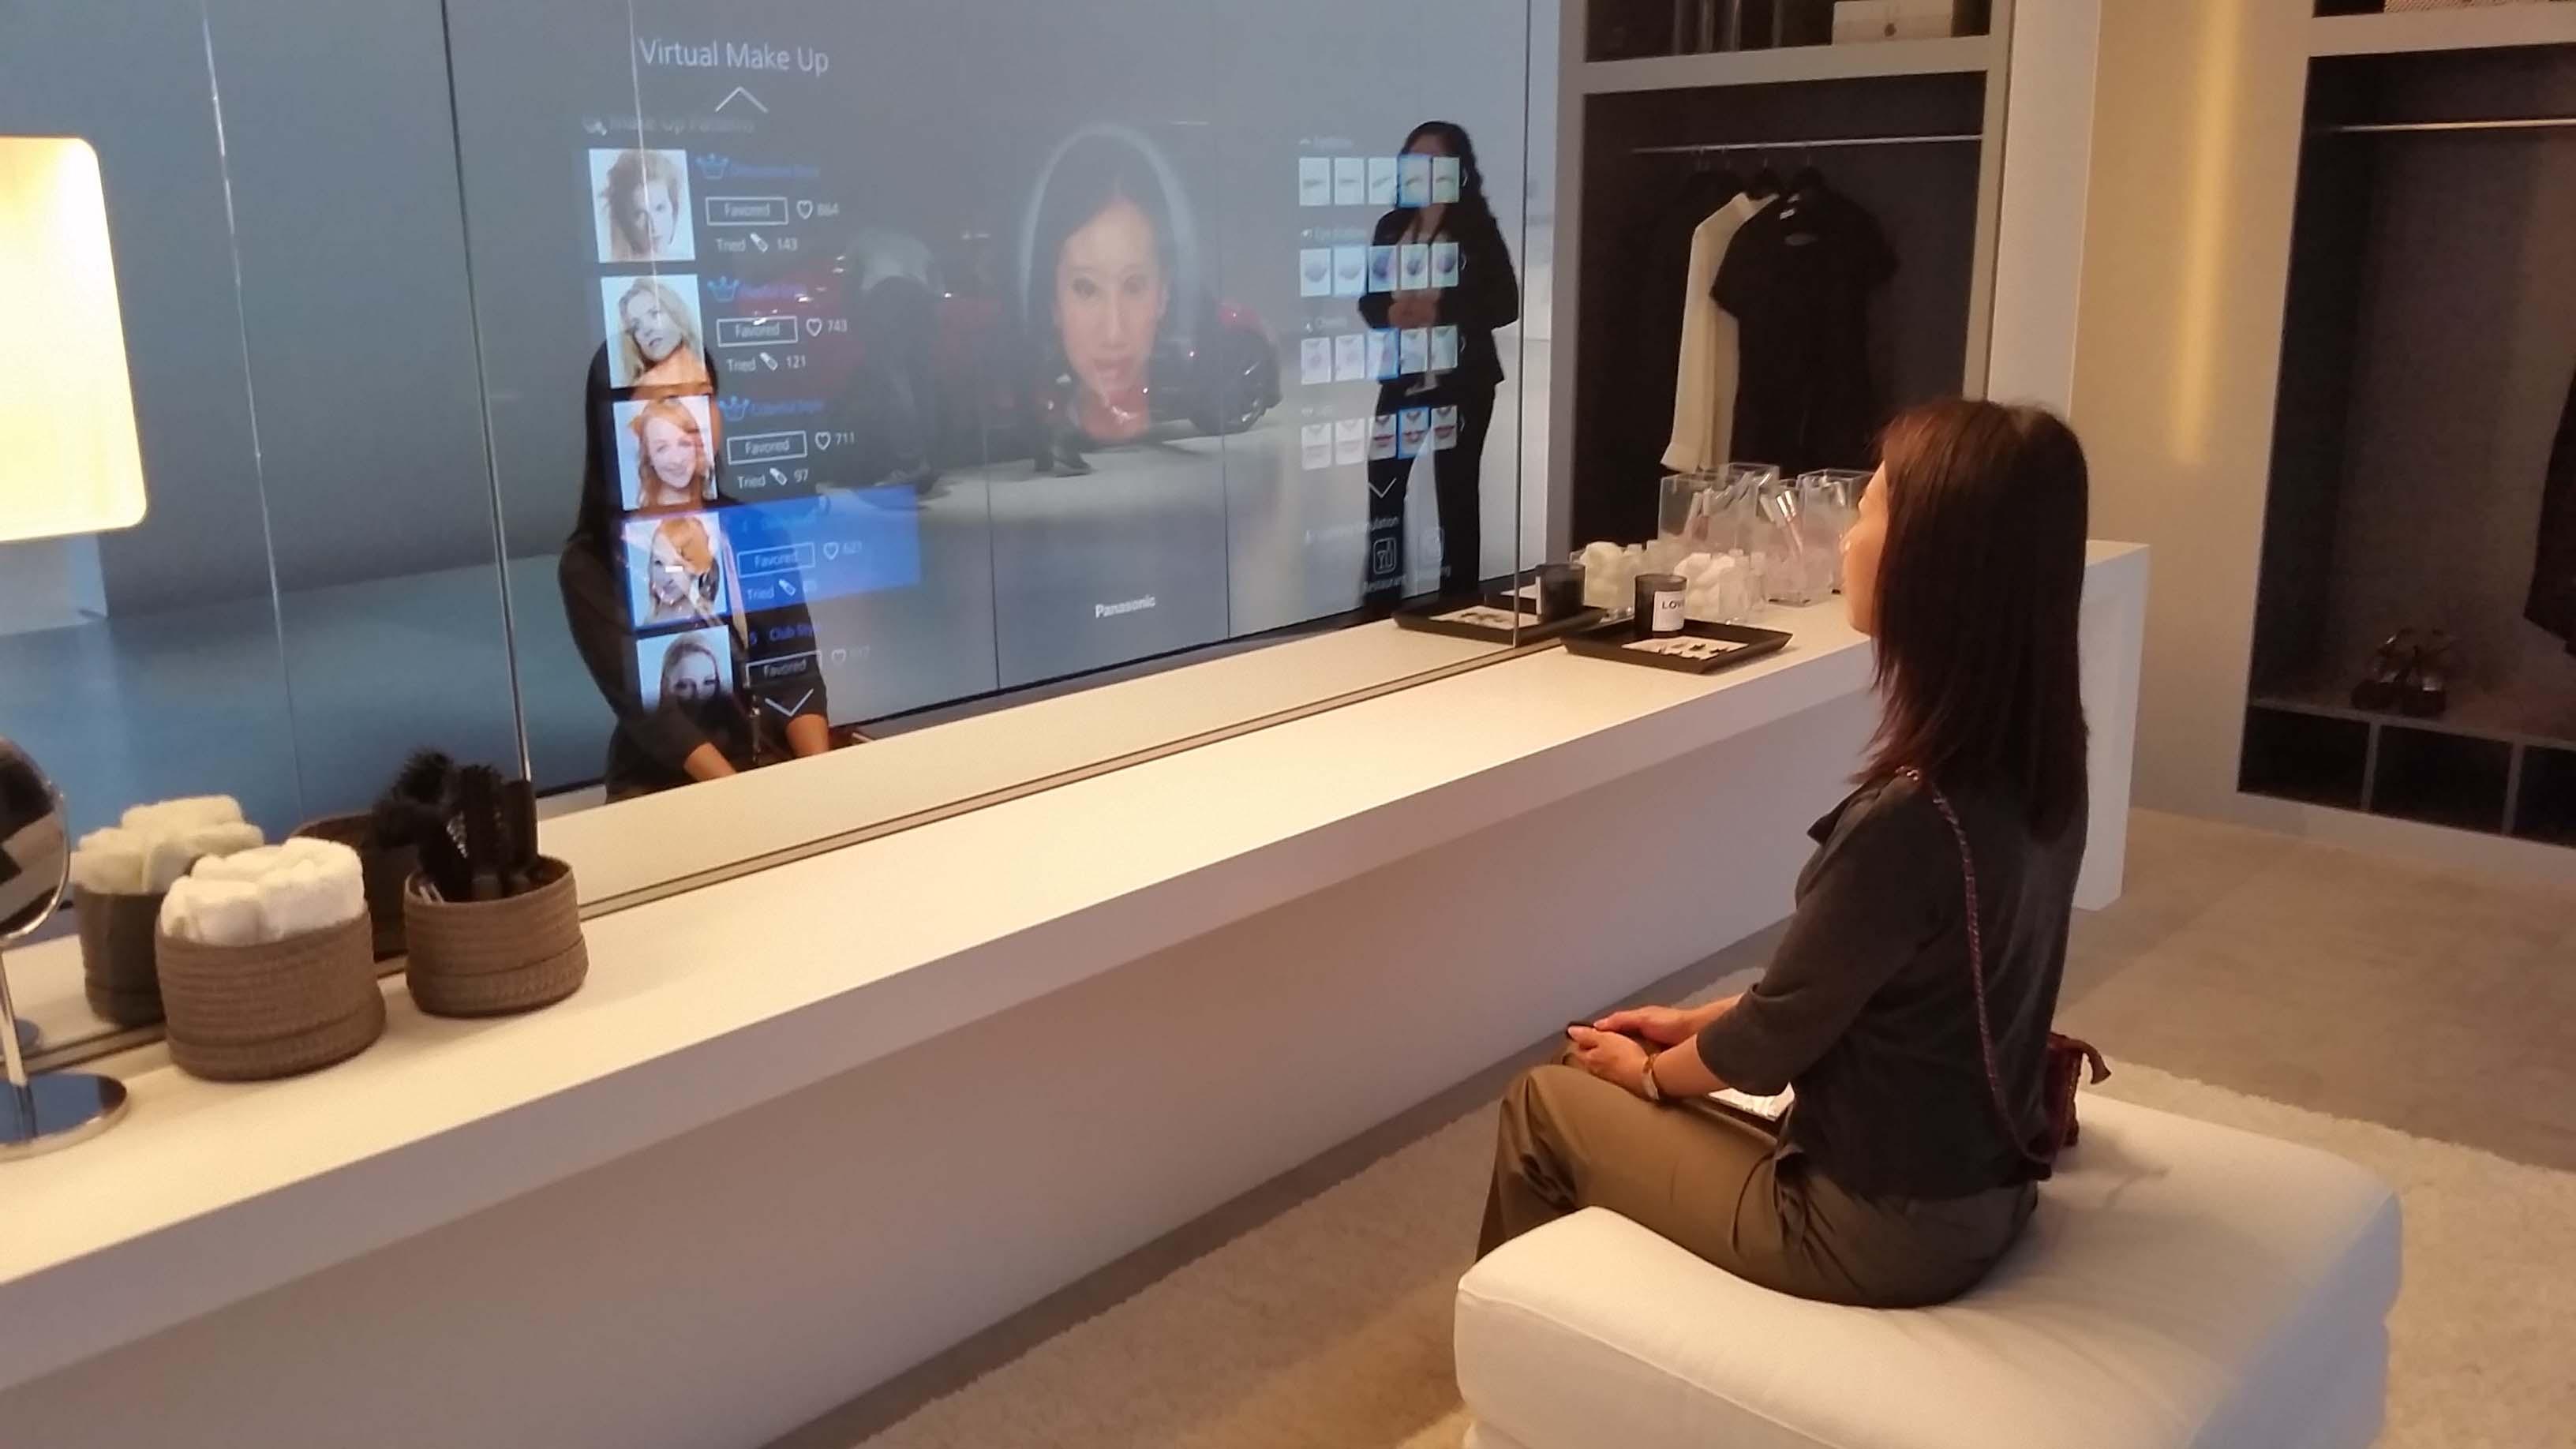 Ifa 2014 la r alit virtuelle dans votre chambre coucher for Modele chambre a coucher 2014